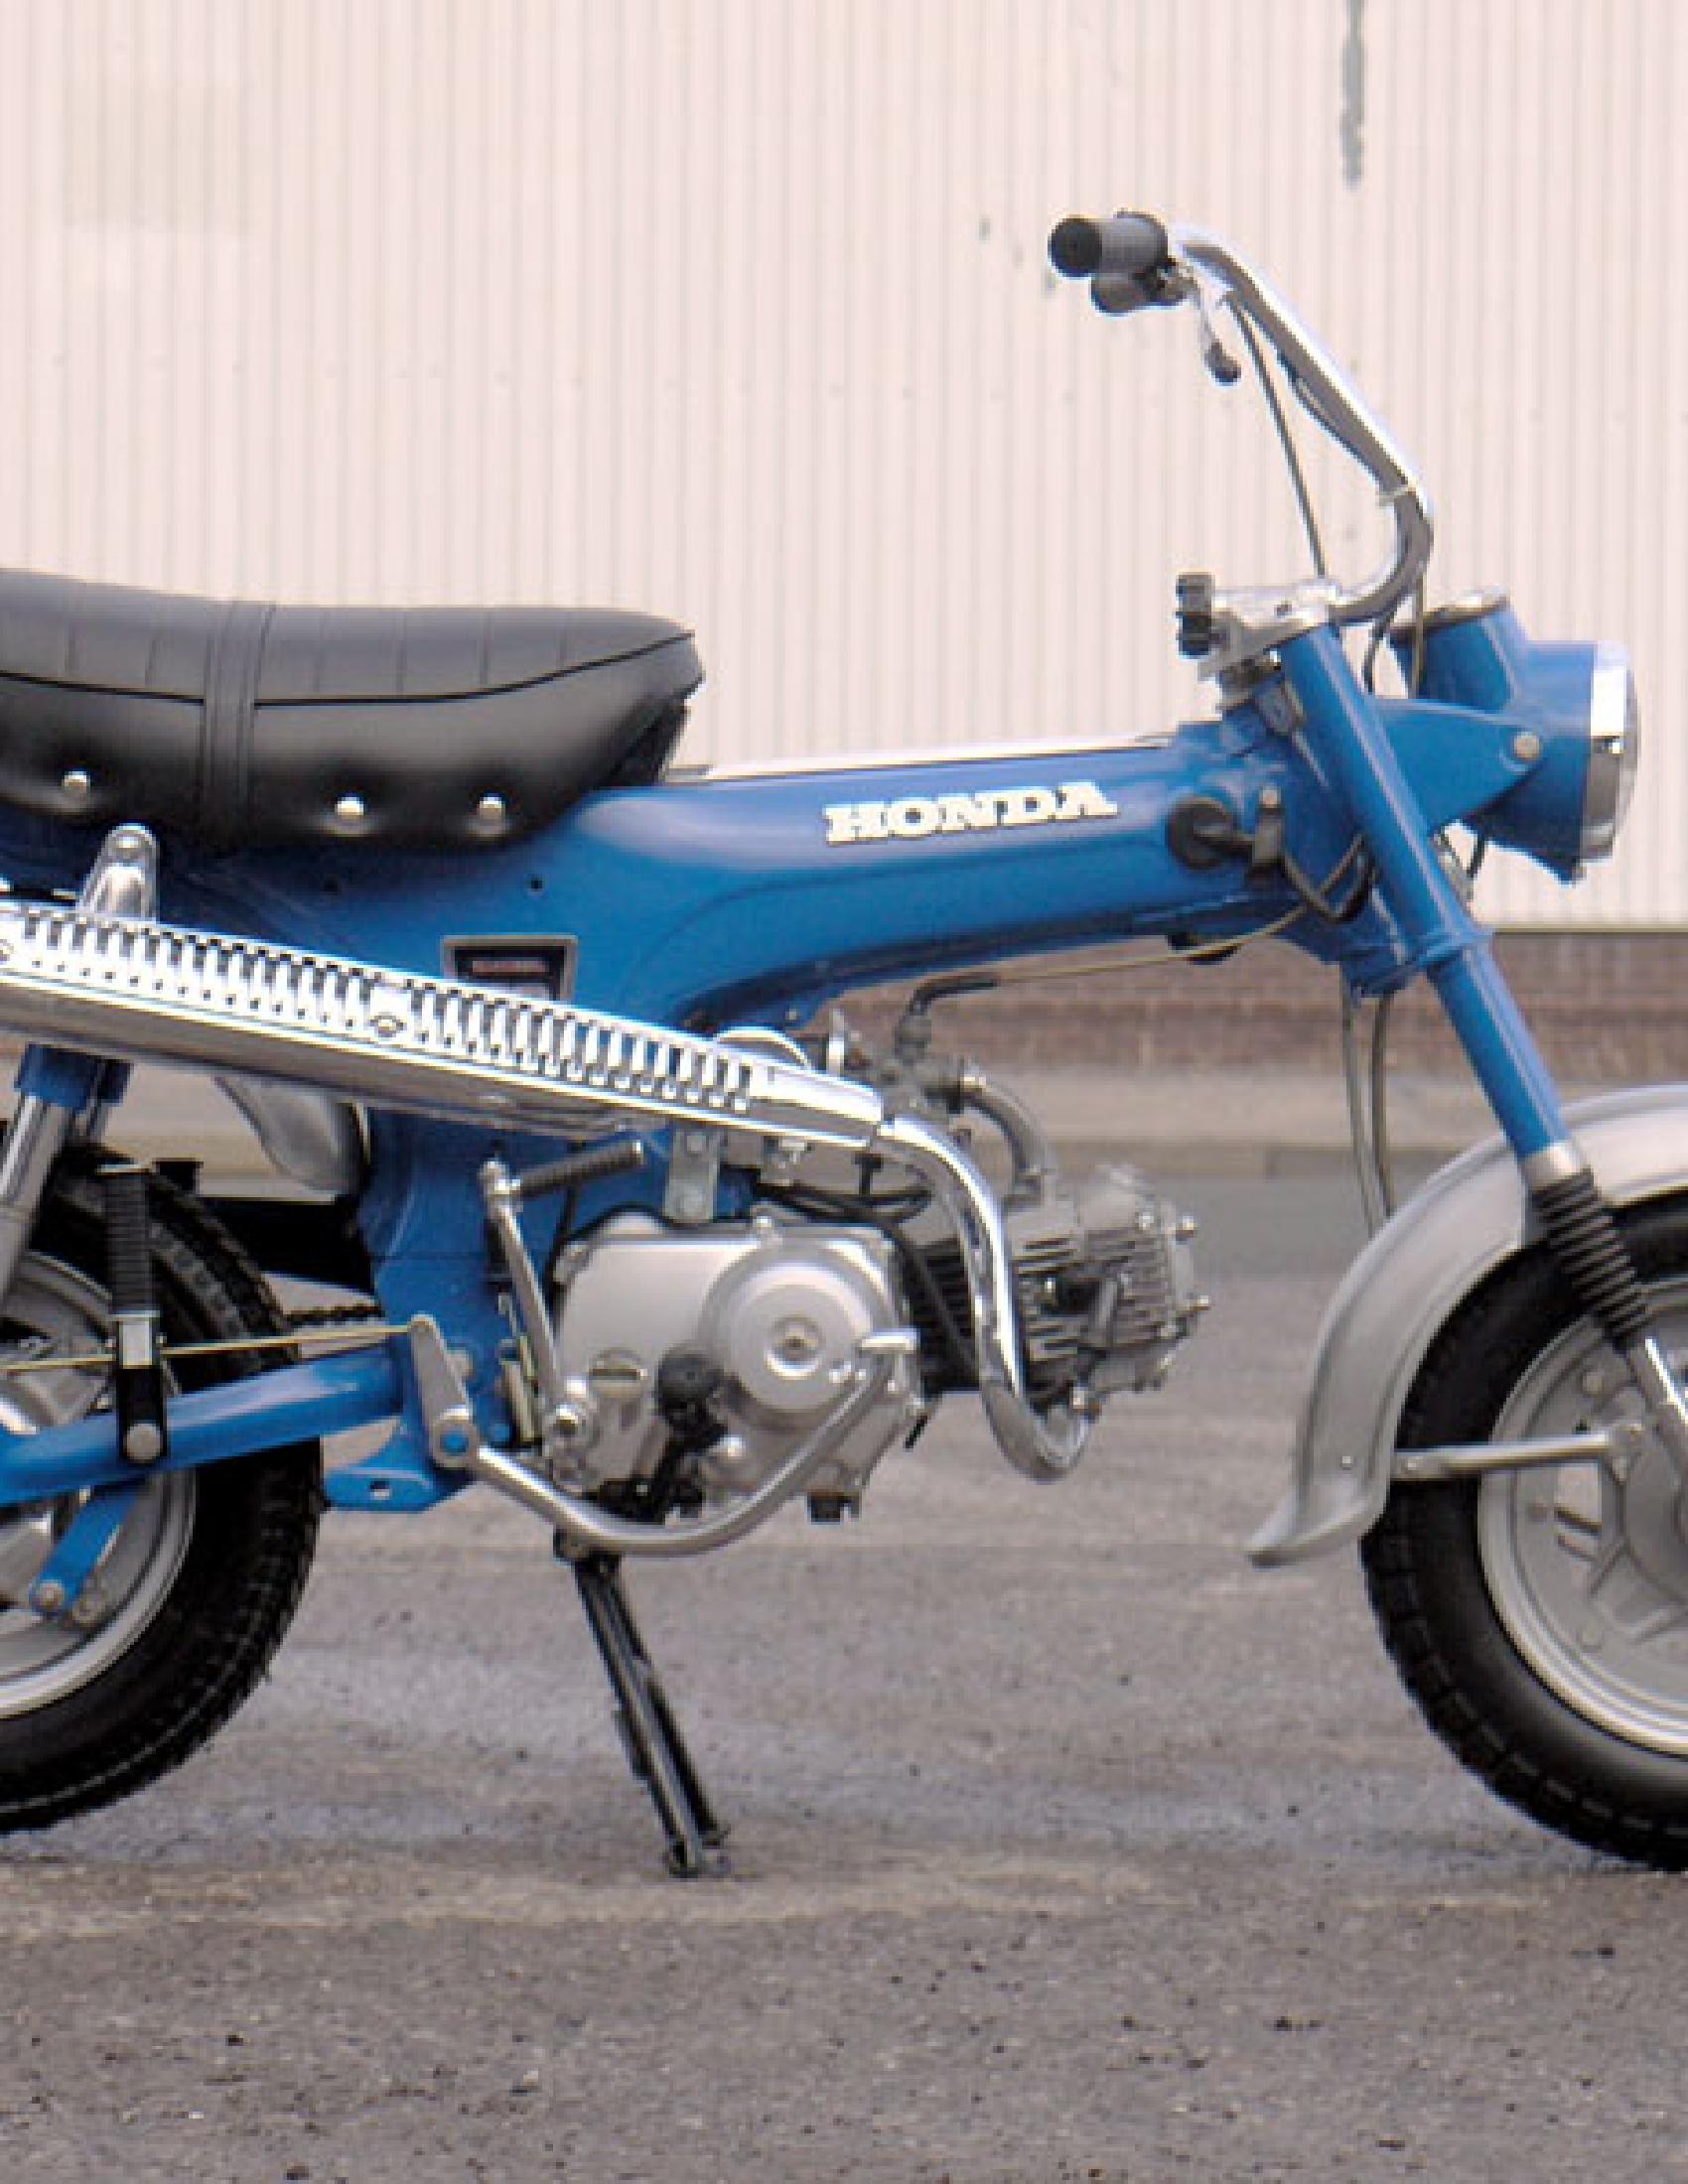 Honda ST50-70 Motorcycle manual